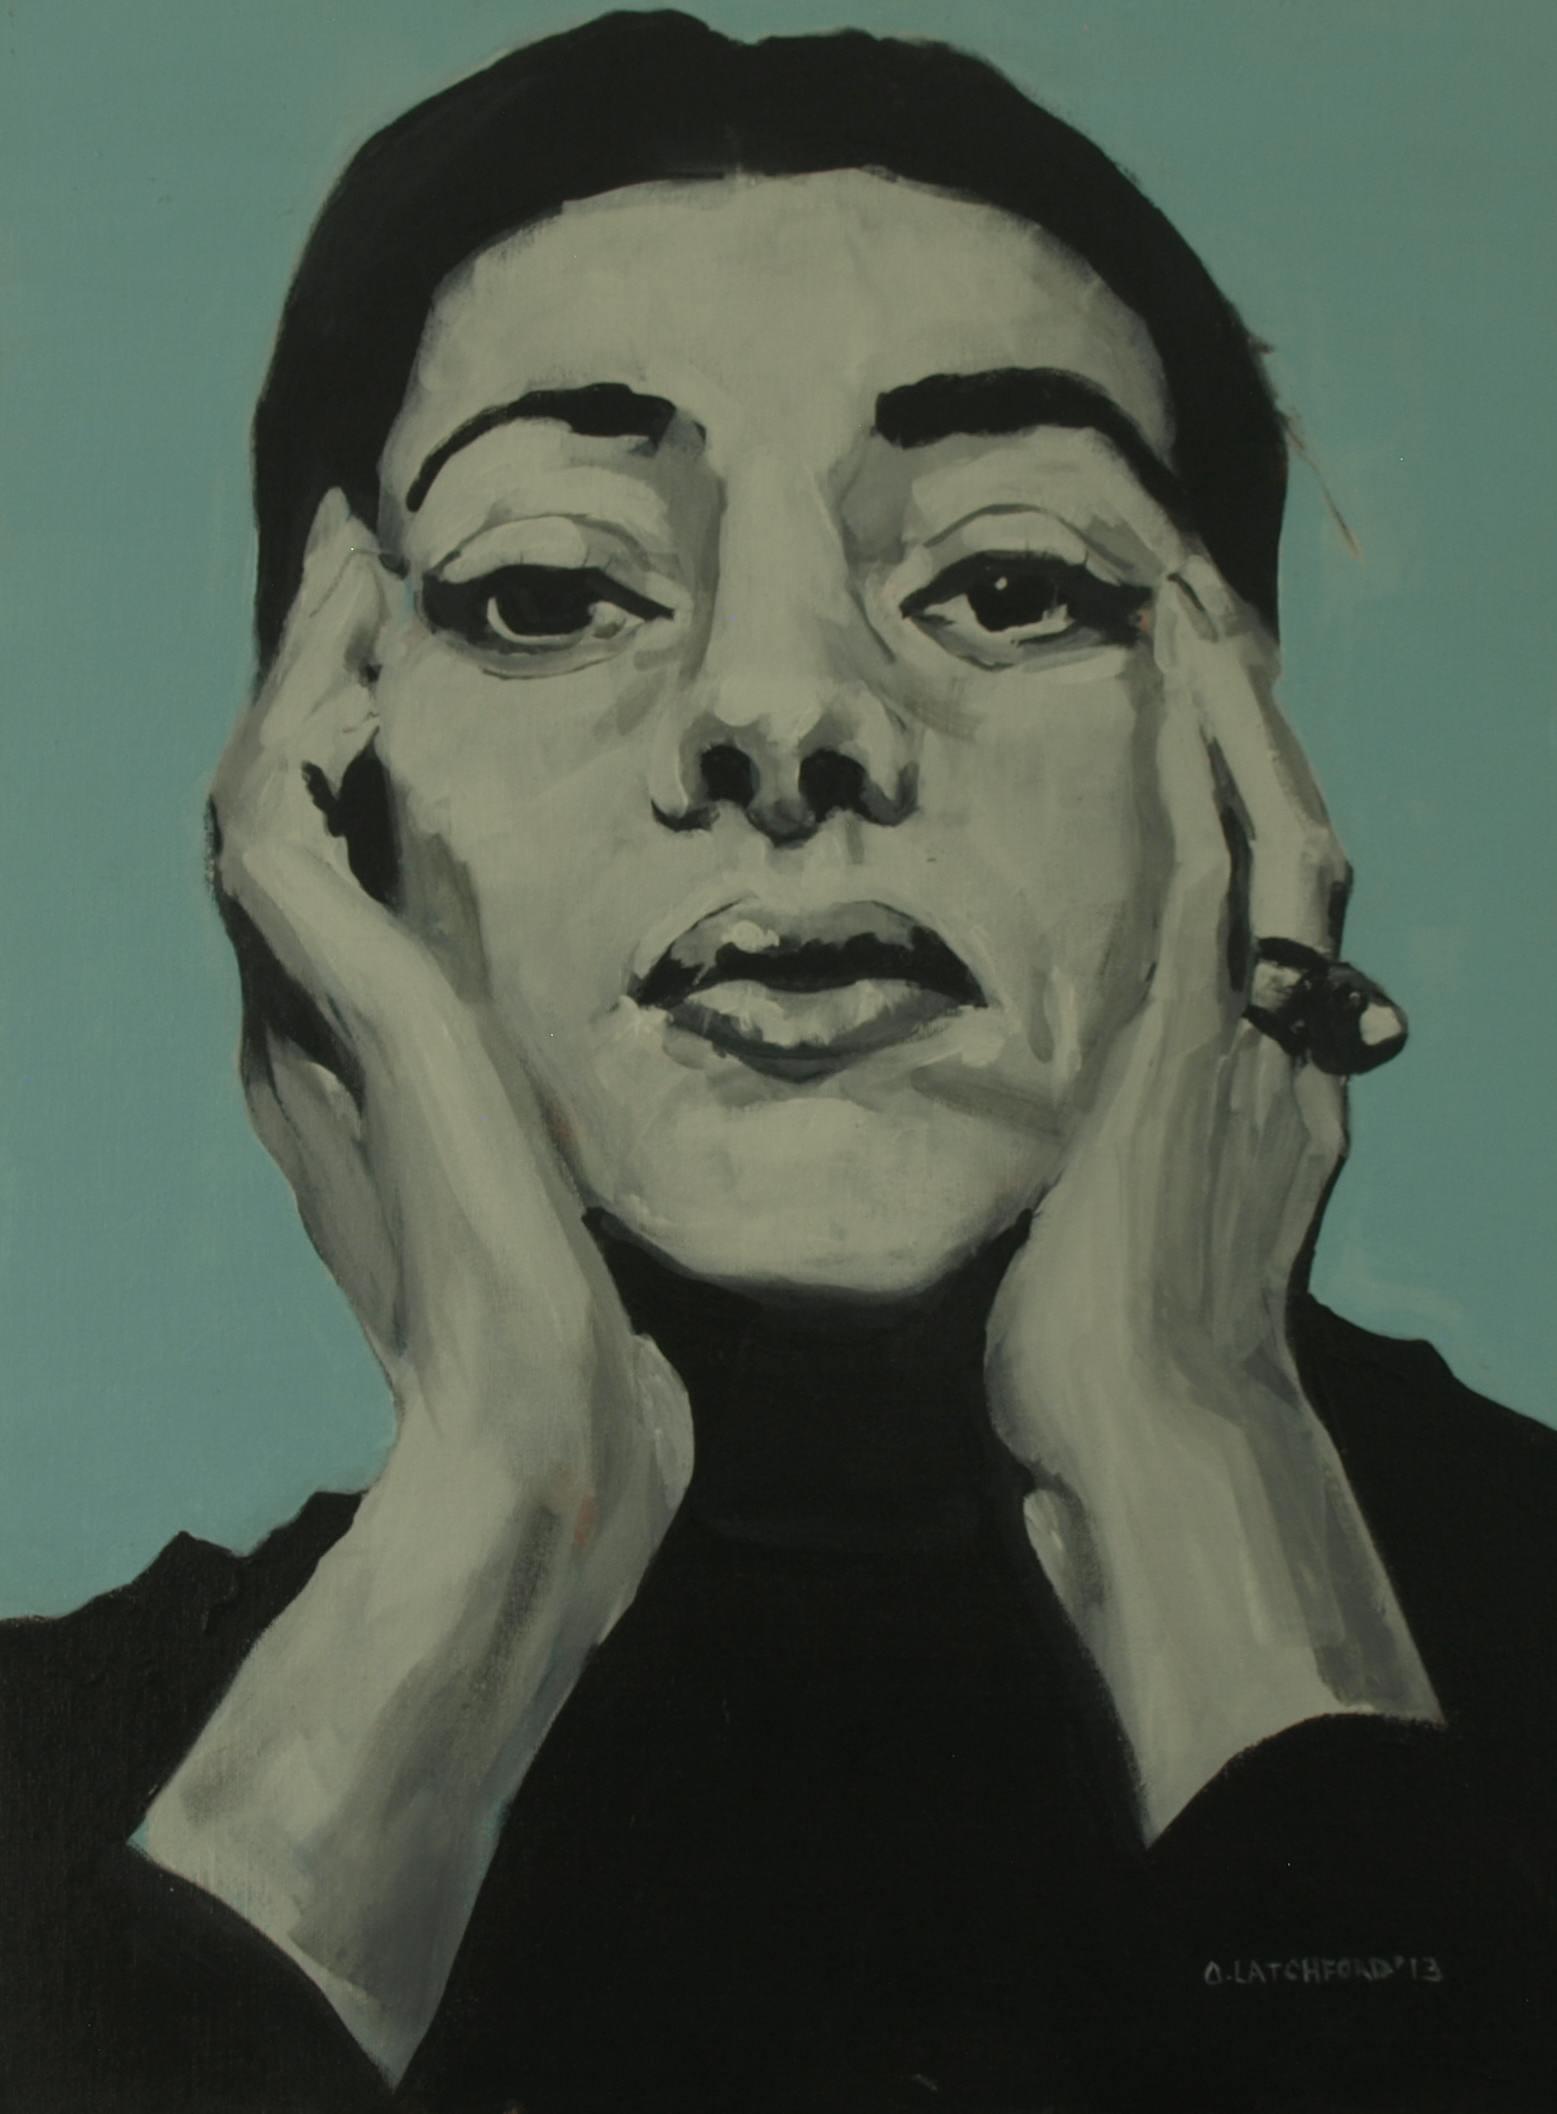 Maria, Acrylic on board, 27cm x 18cm, 2013